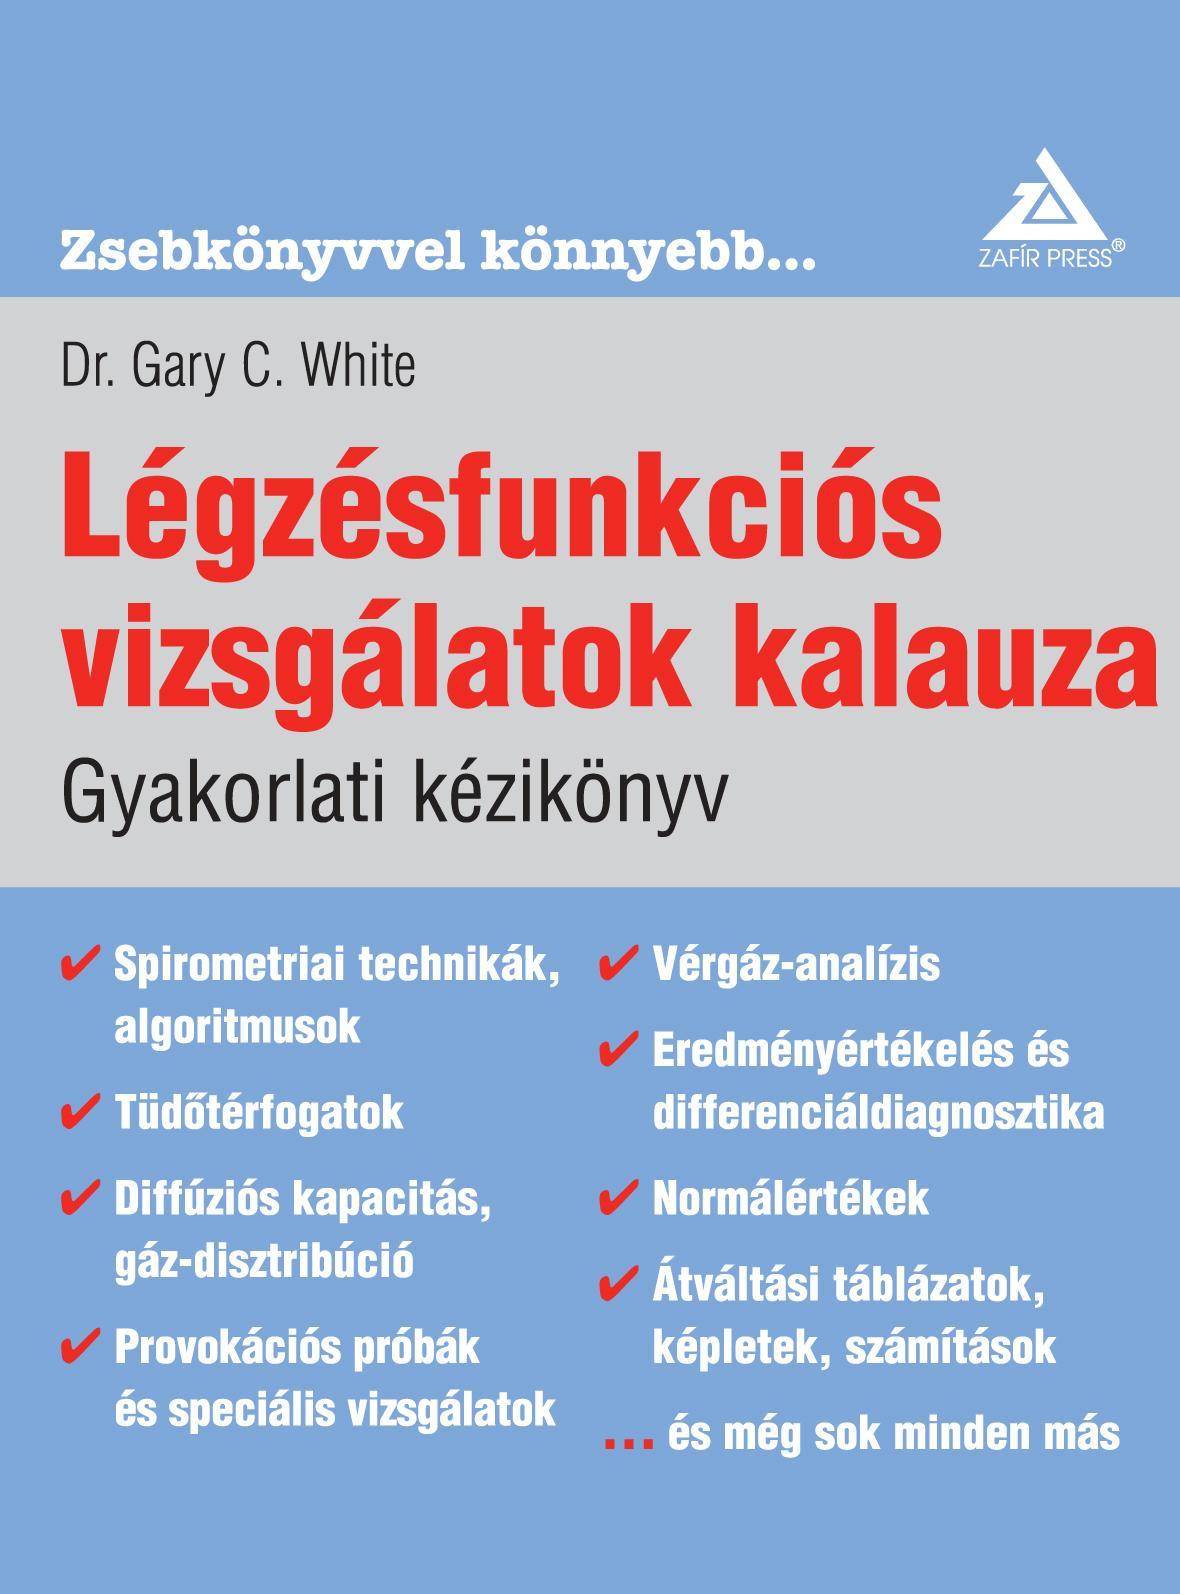 LÉGZÉSFUNKCIÓS VIZSGÁLATOK KALAUZA - GYAKORLATI KÉZIKÖNYV